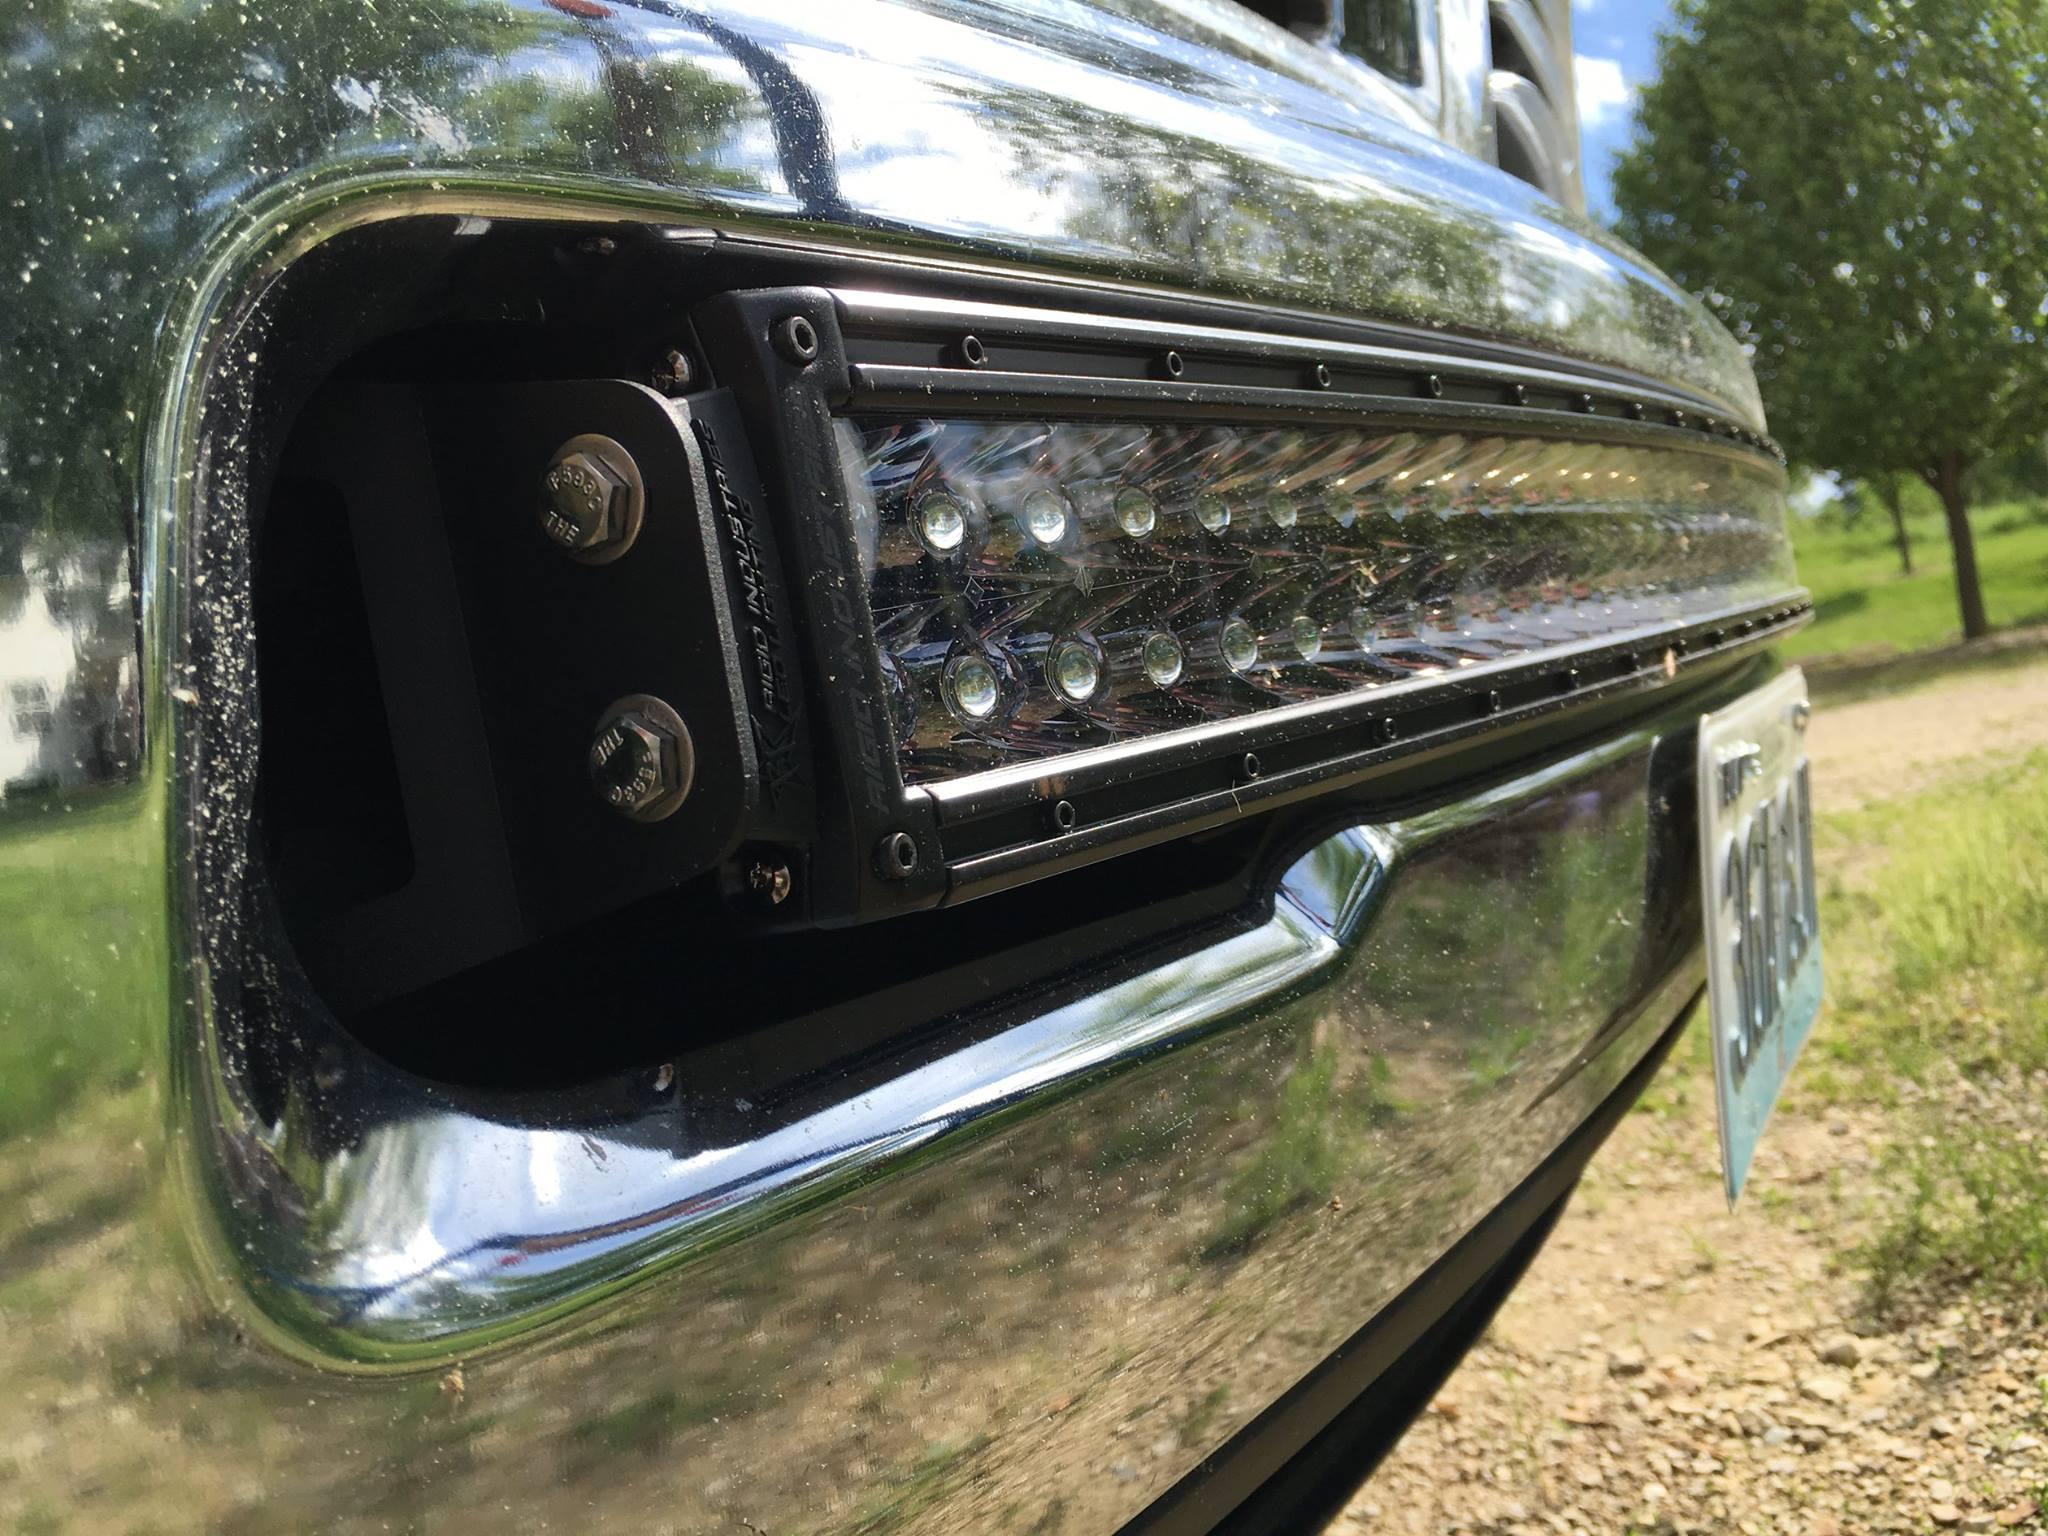 10 16 25003500 40 rigid rds light bar bumper brackets aloadofball Images